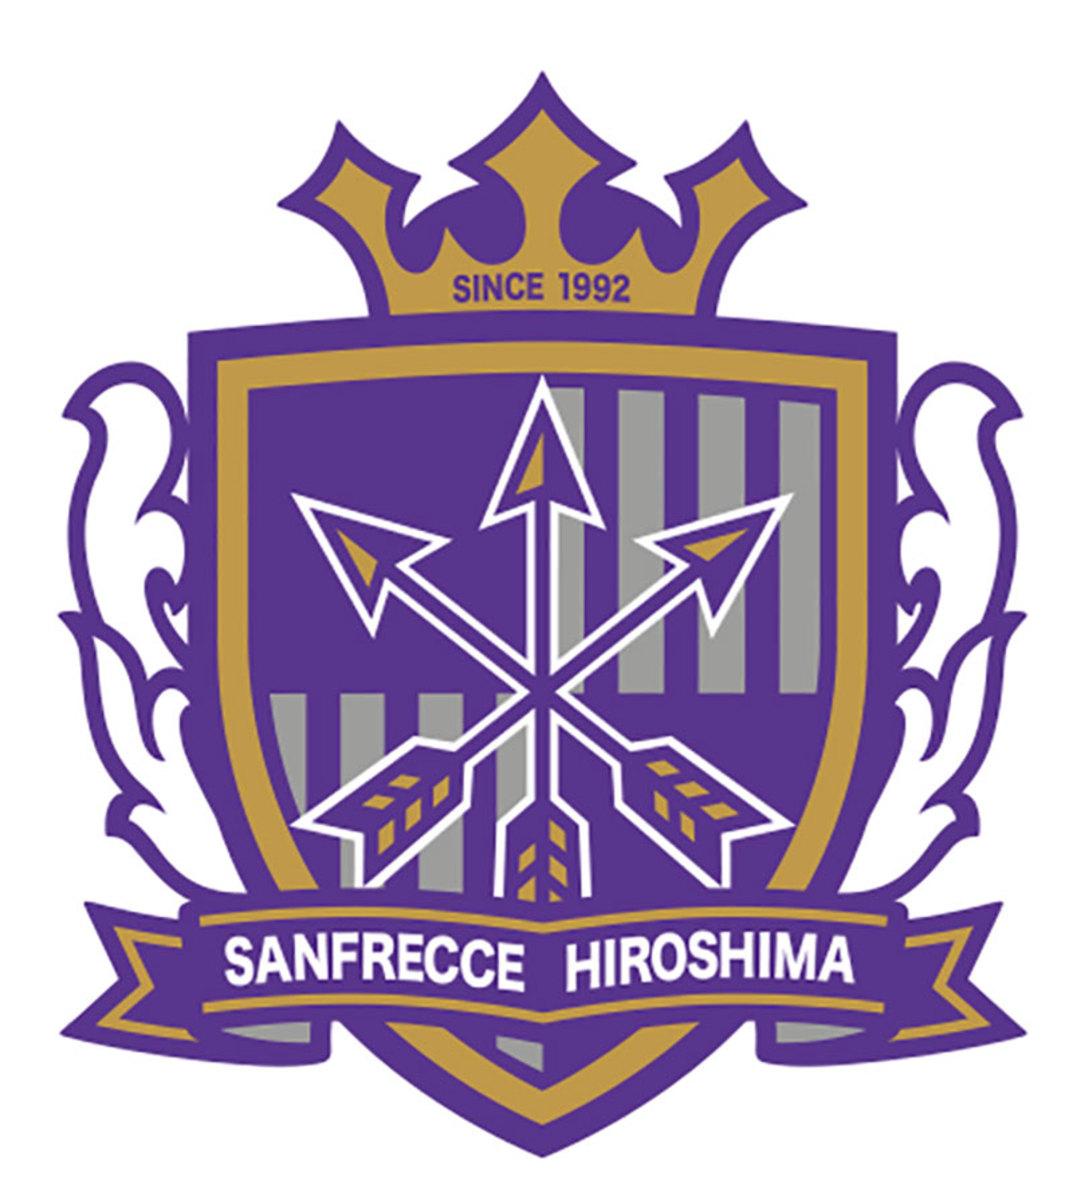 sanfrecce-hiroshima-logo